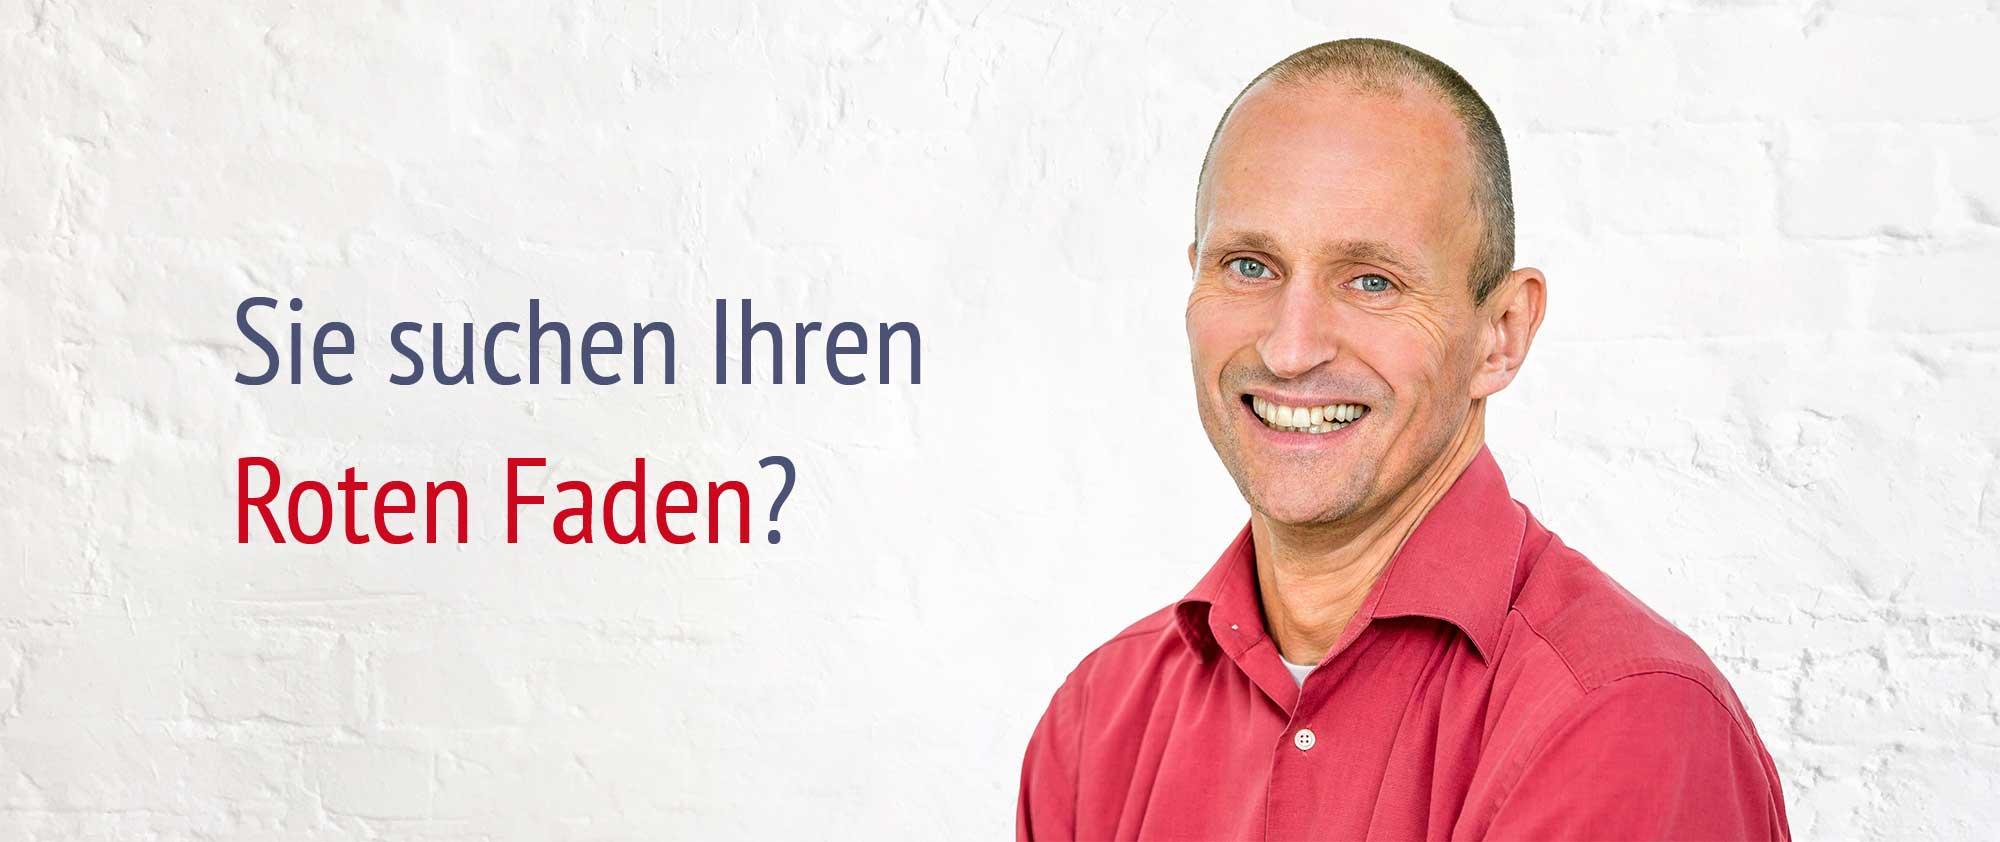 Positionierung für Unternehmen und Selbstständige - Hermann Häfele Roter Faden Consulting